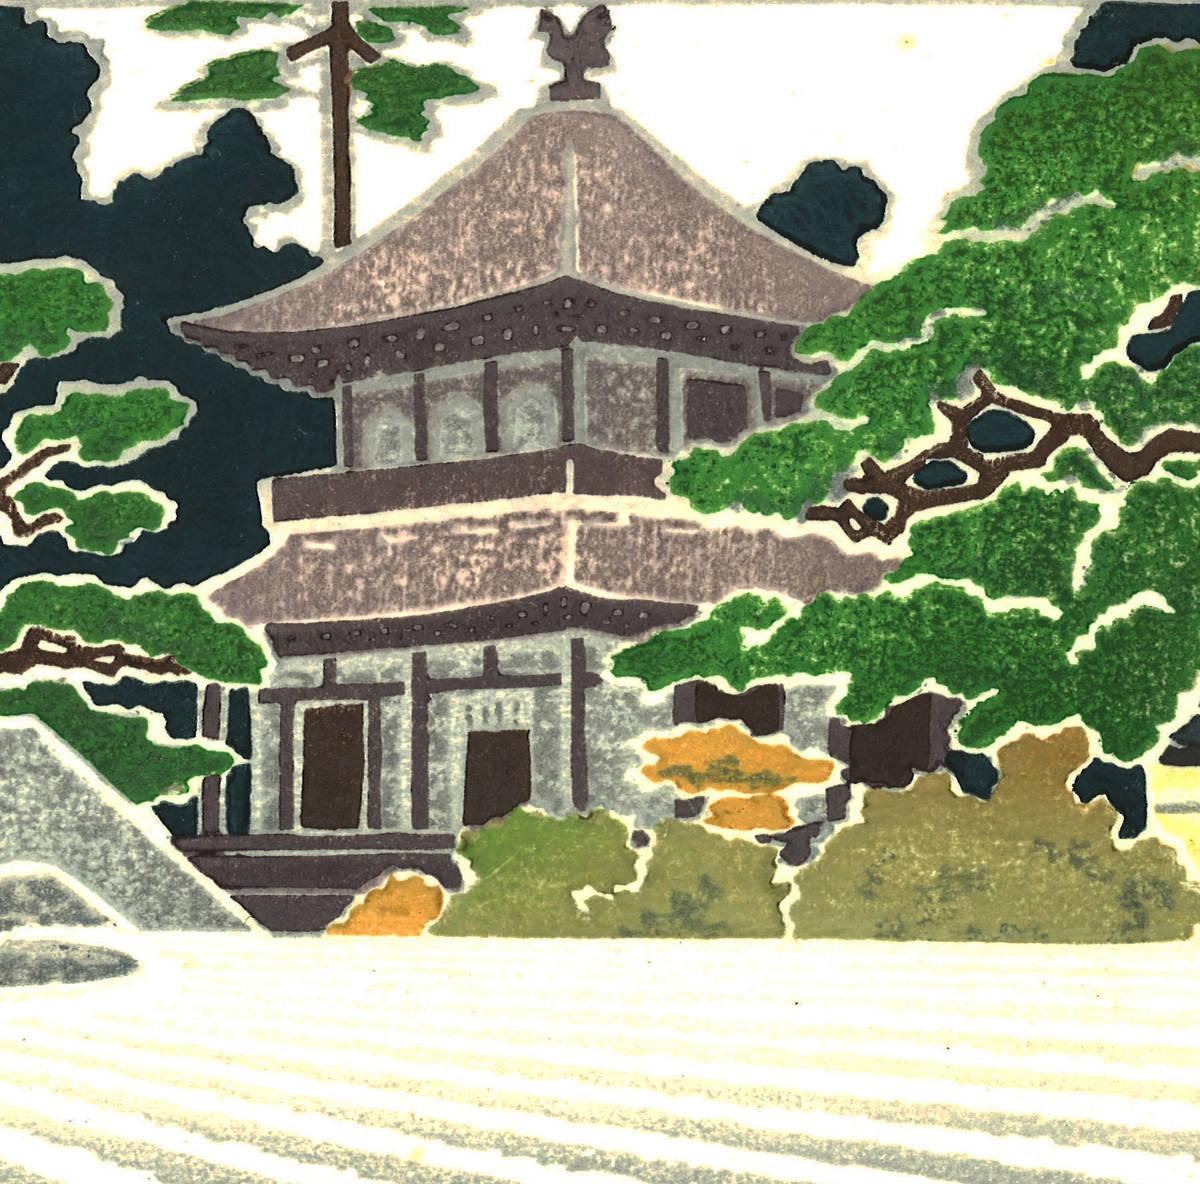 吉田遠志 木版画   016302 銀閣寺の庭  (Ginkakuji Garden)   初摺1963年  最高峰の摺師の技をご堪能下さい!!_画像9